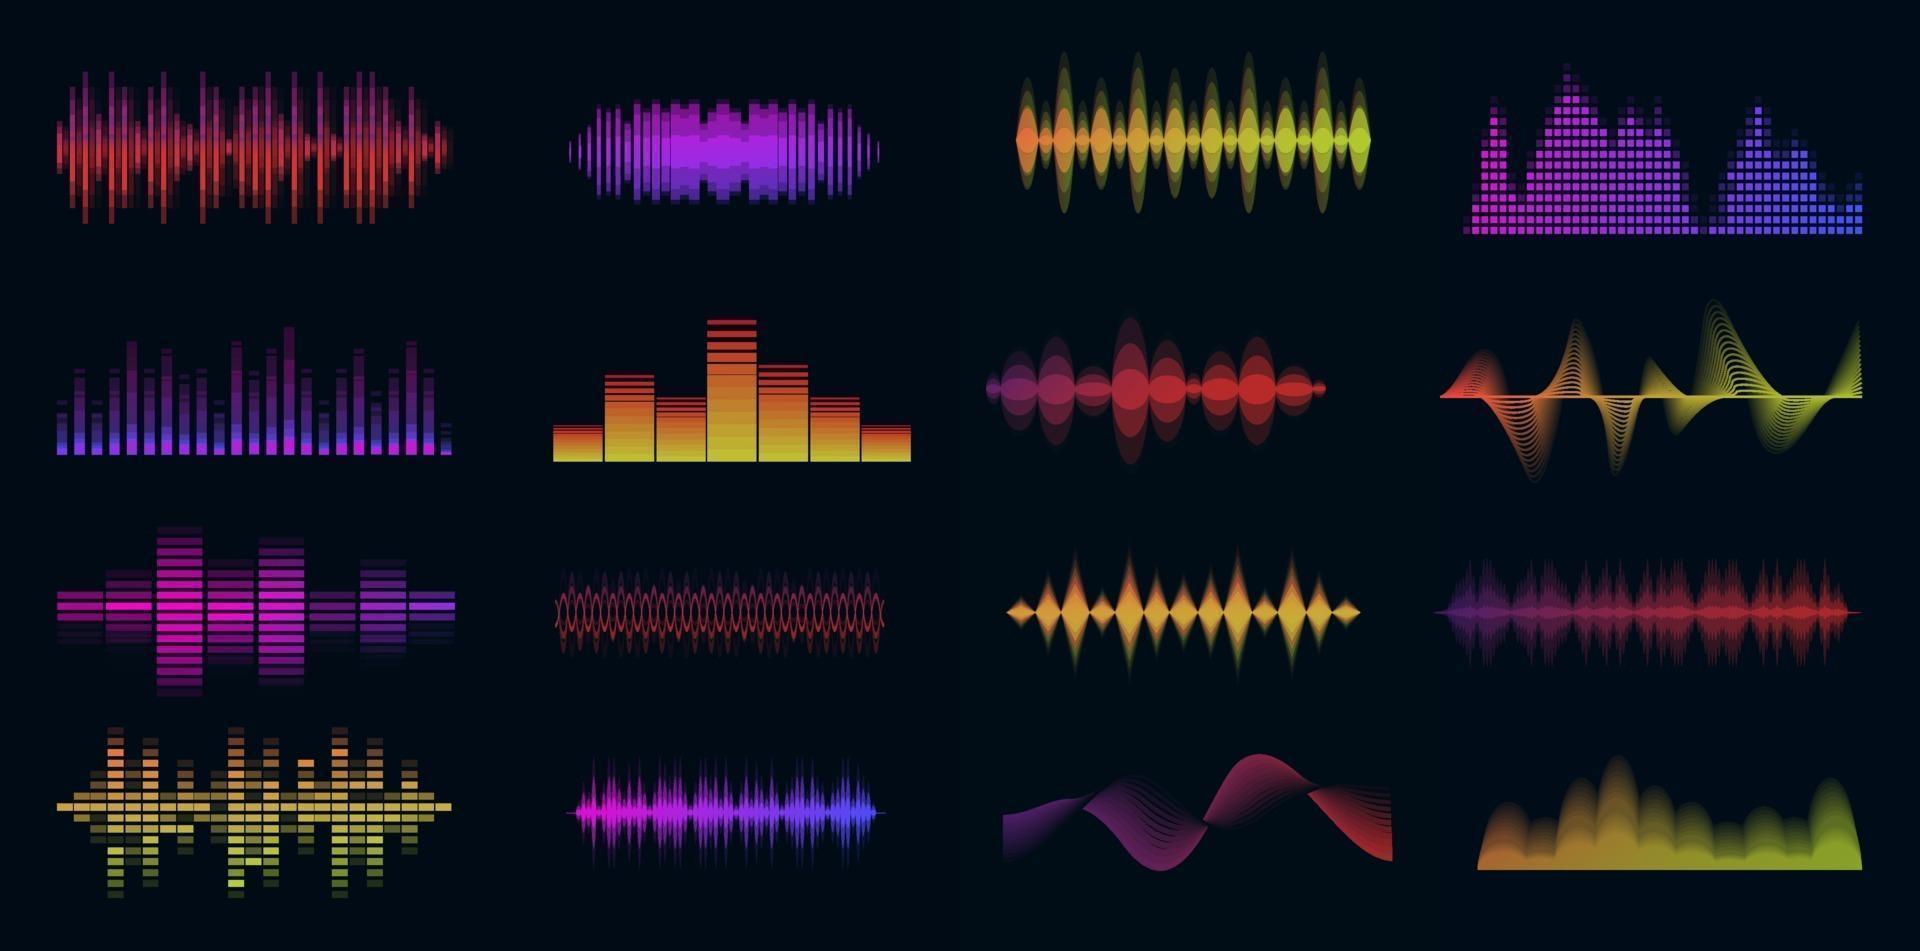 musique ondes sonores grand ensemble coloré. collection audio de musique. panneau de console. signal radio électronique. égaliseur. vecteur